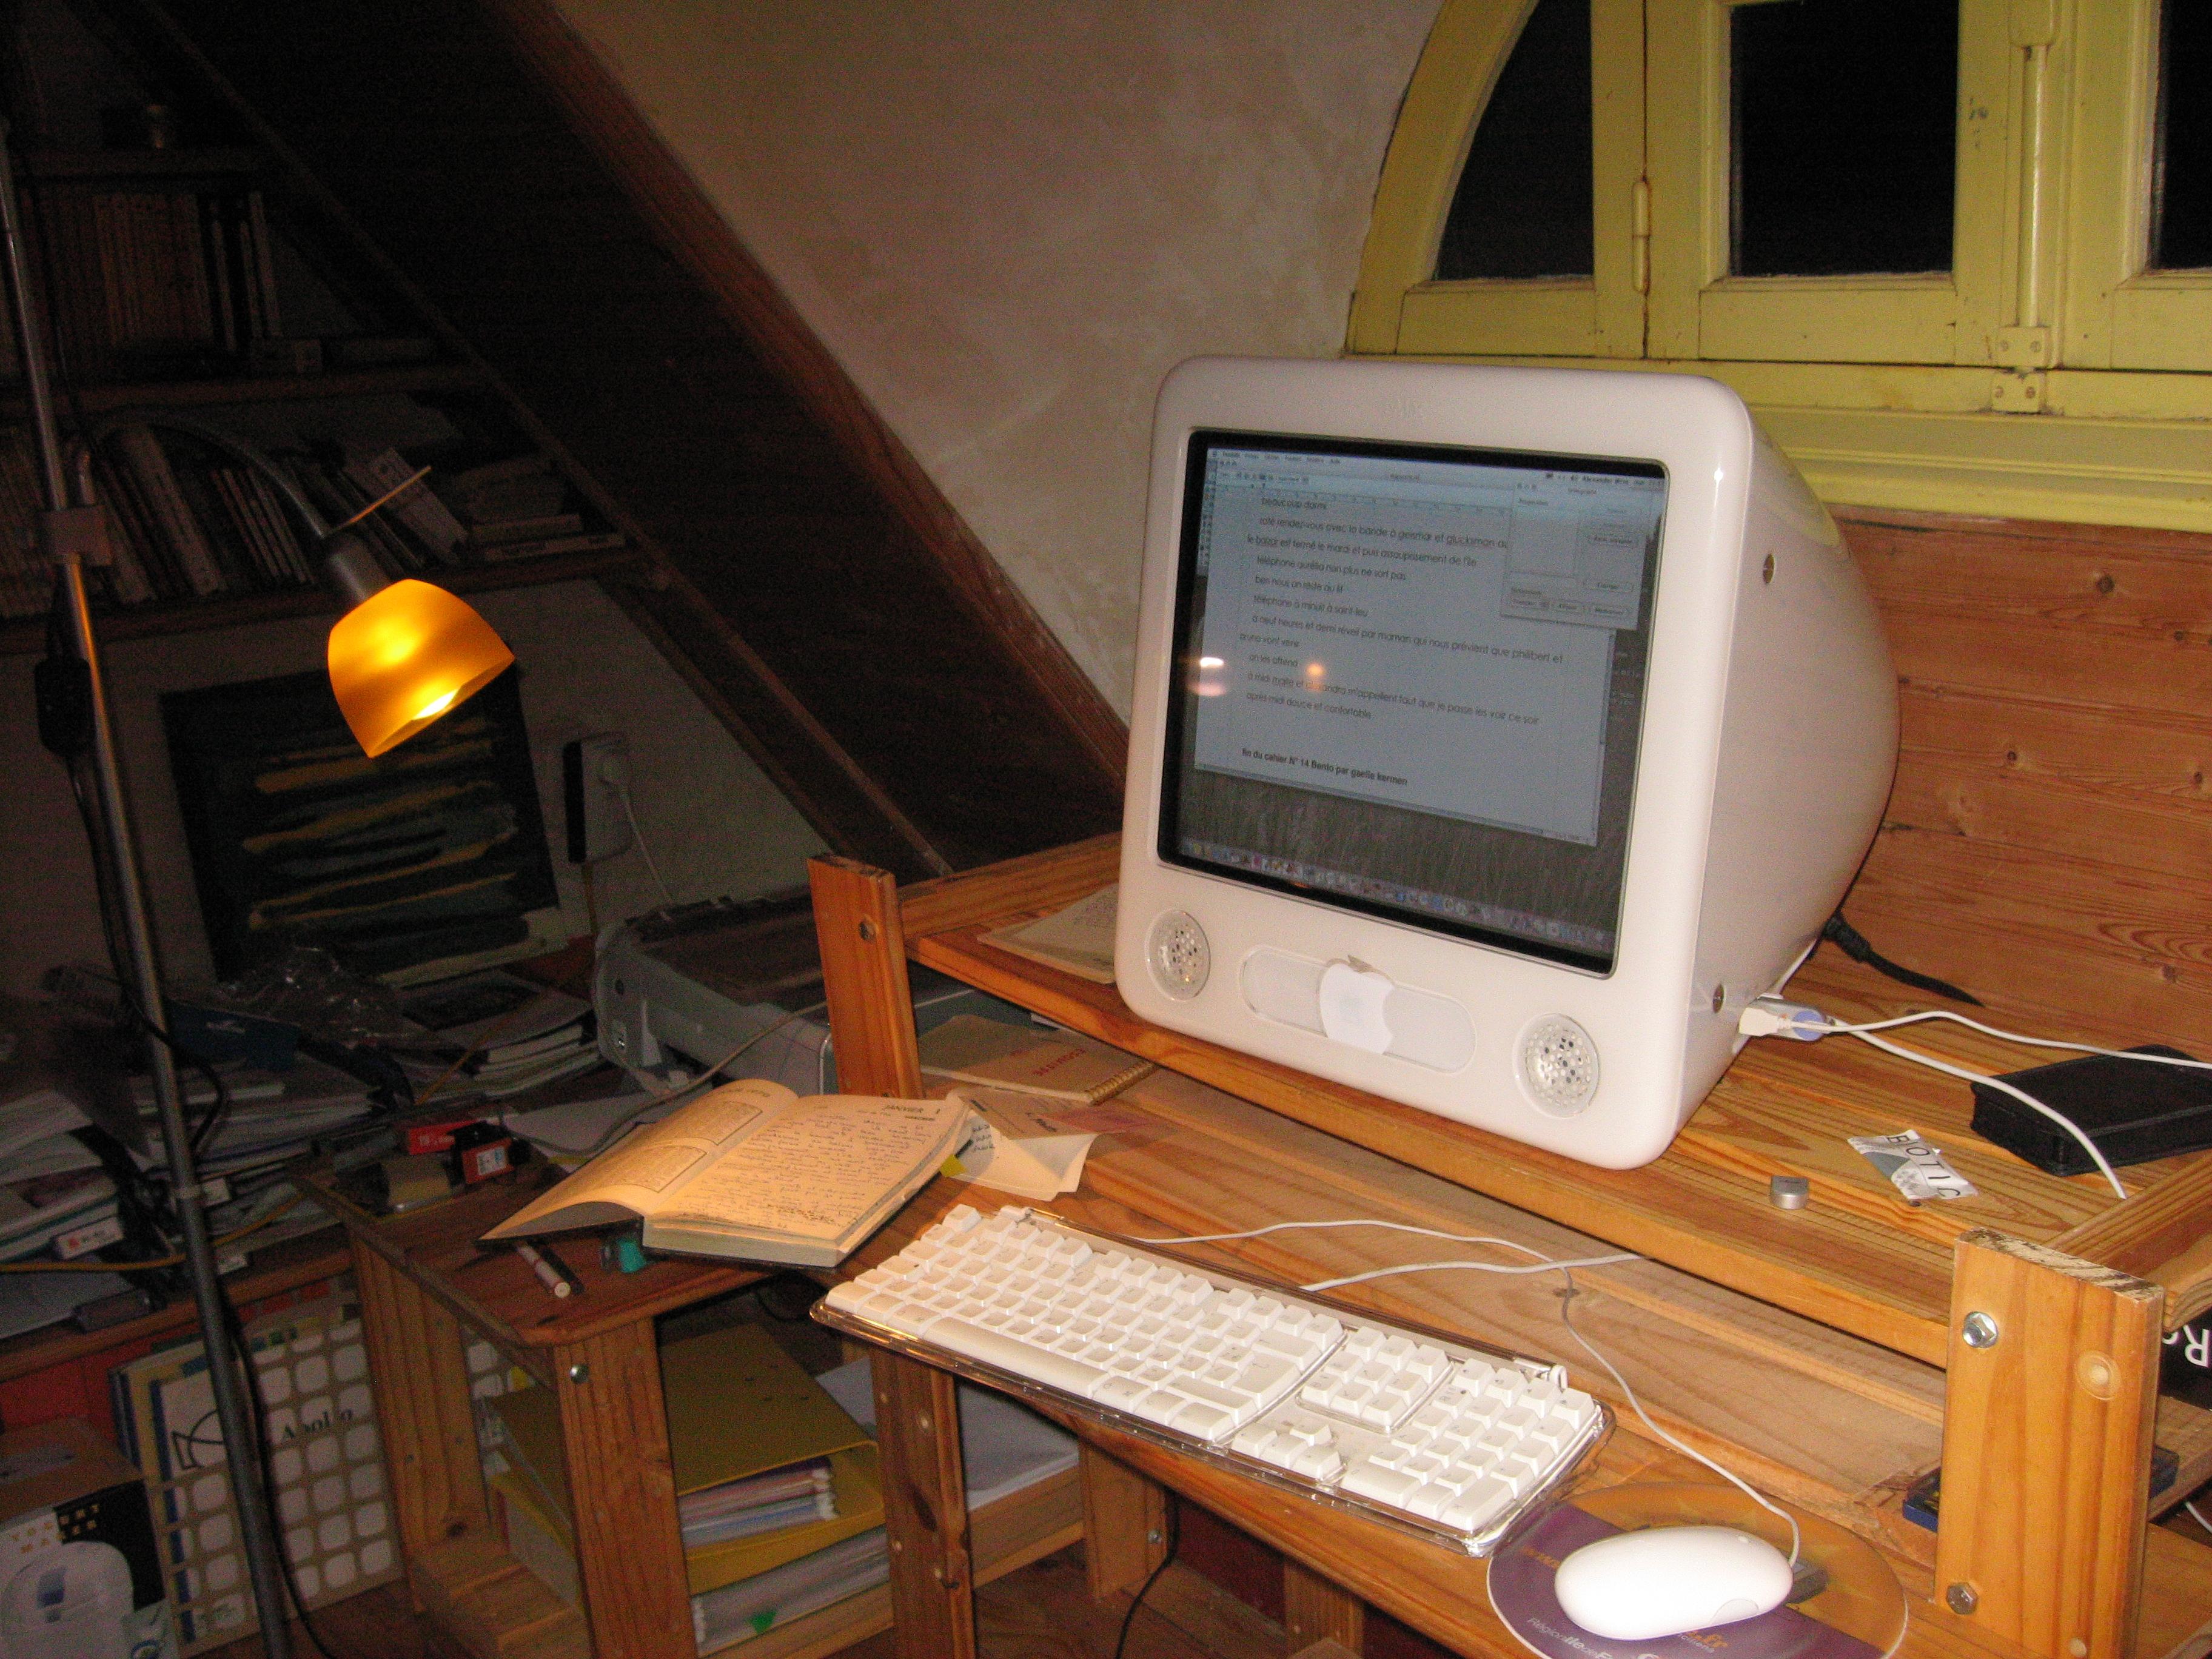 Saisie des cahiers sur l'eMac